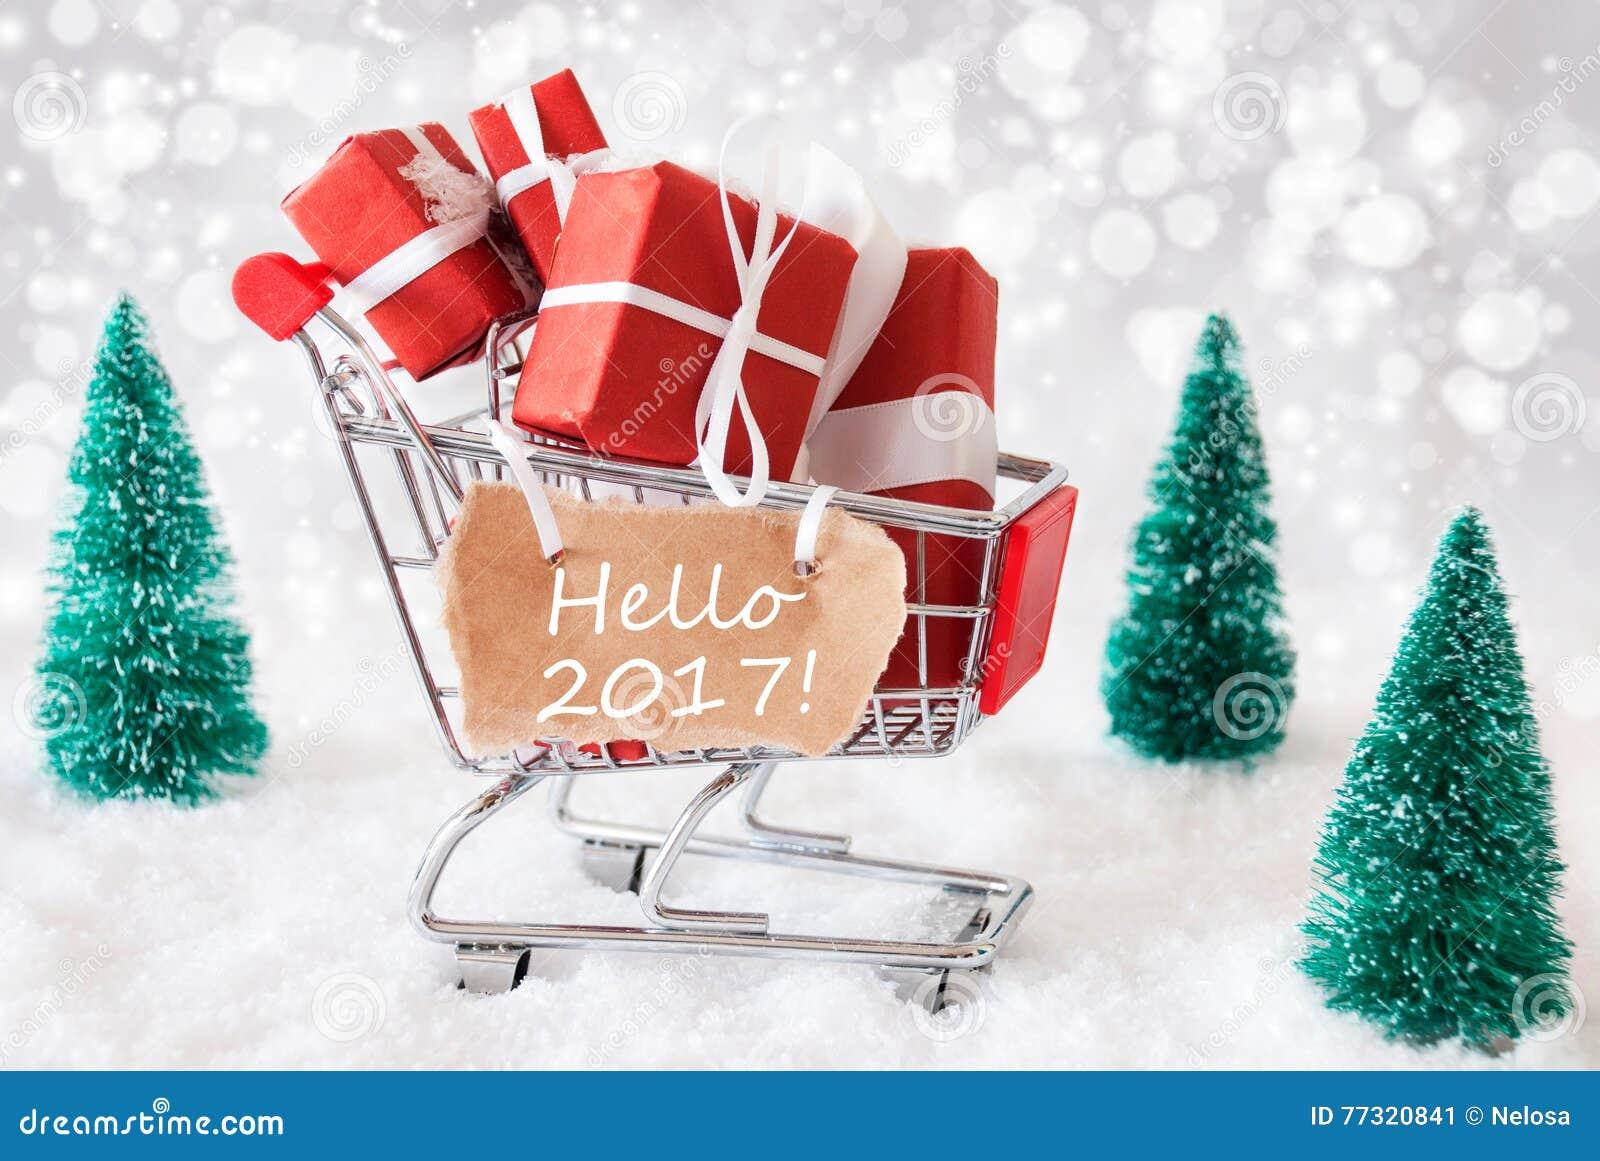 Regali Di Natale Youtube Venditti.Regalo Di Natale Venditti Testo Disegni Di Natale 2019